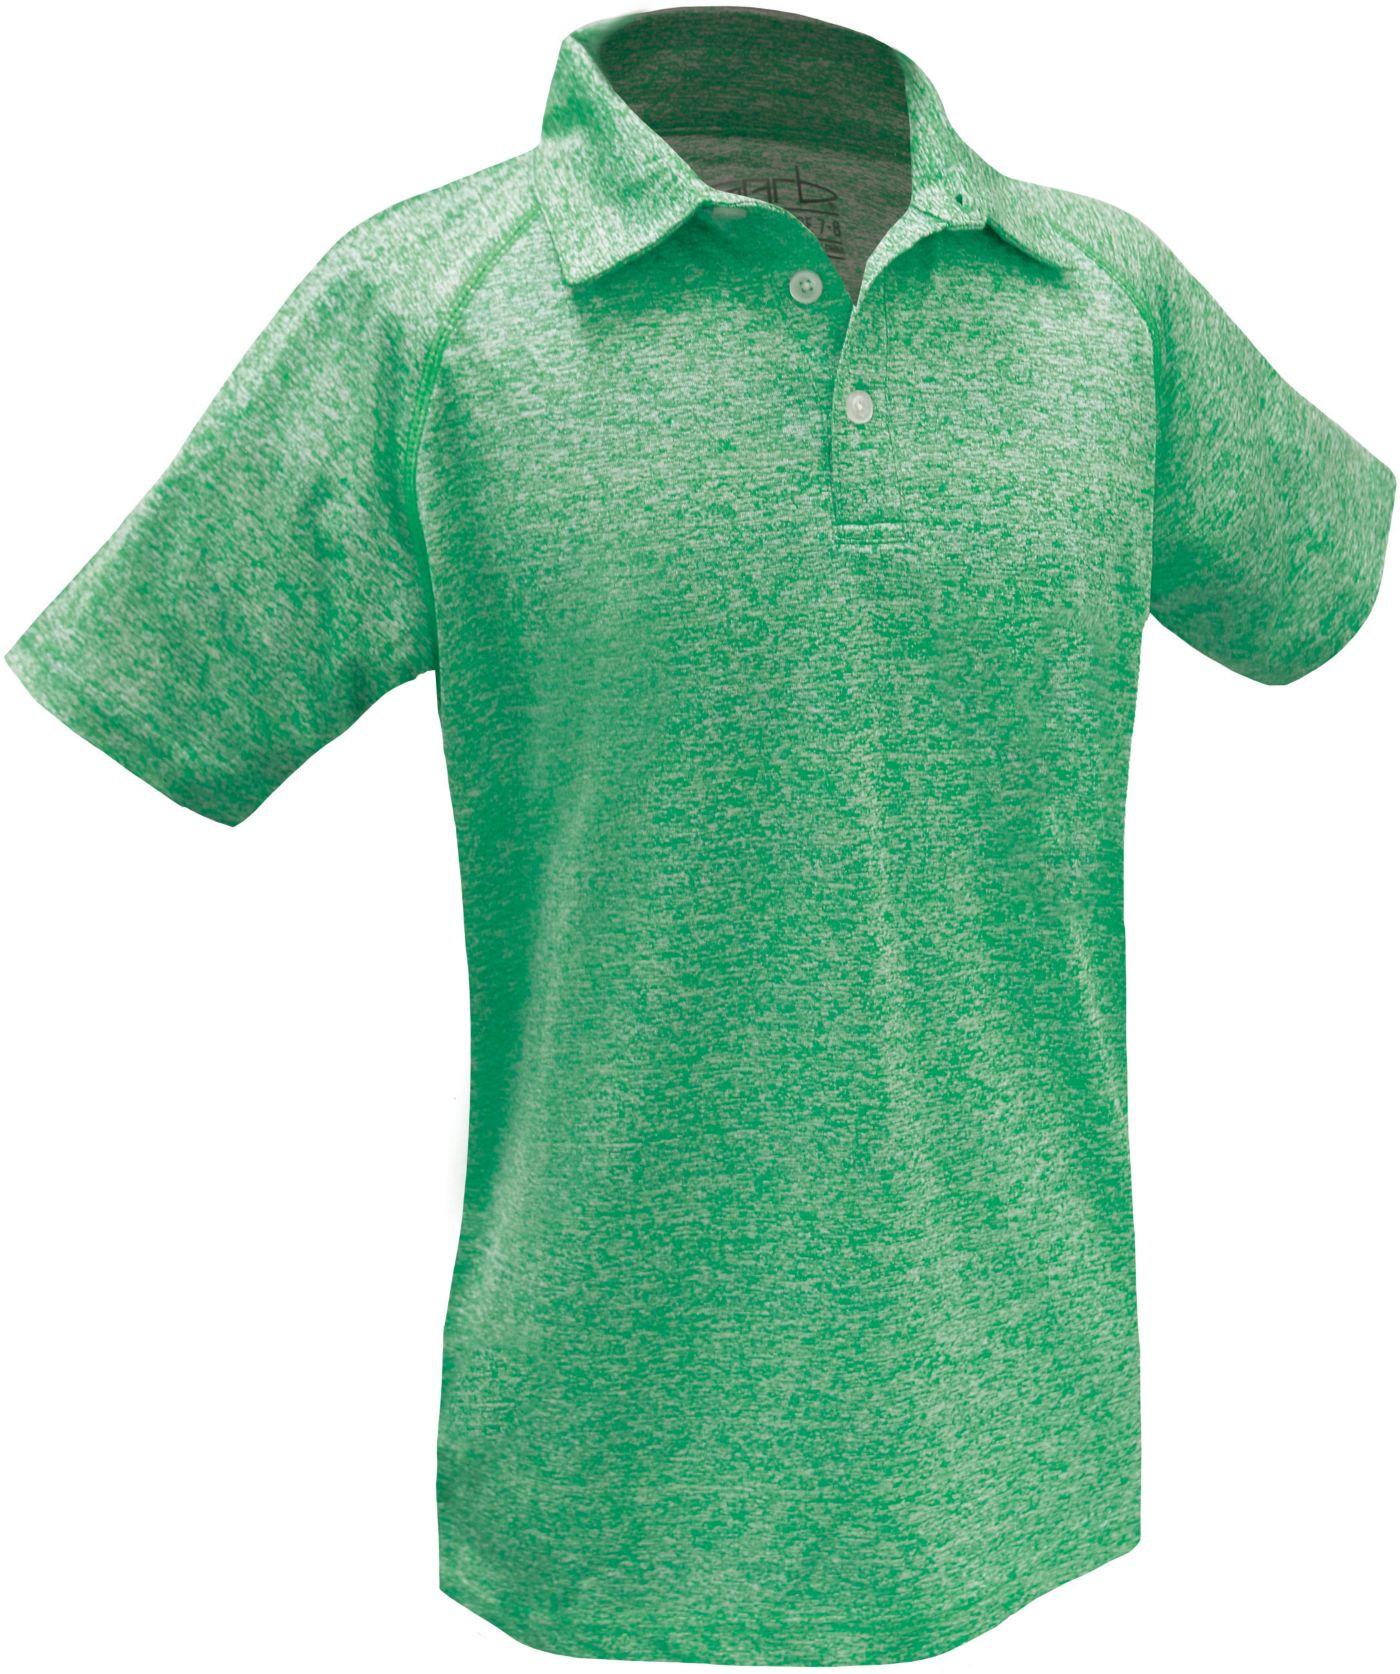 Garb Boys' Ben Golf Polo